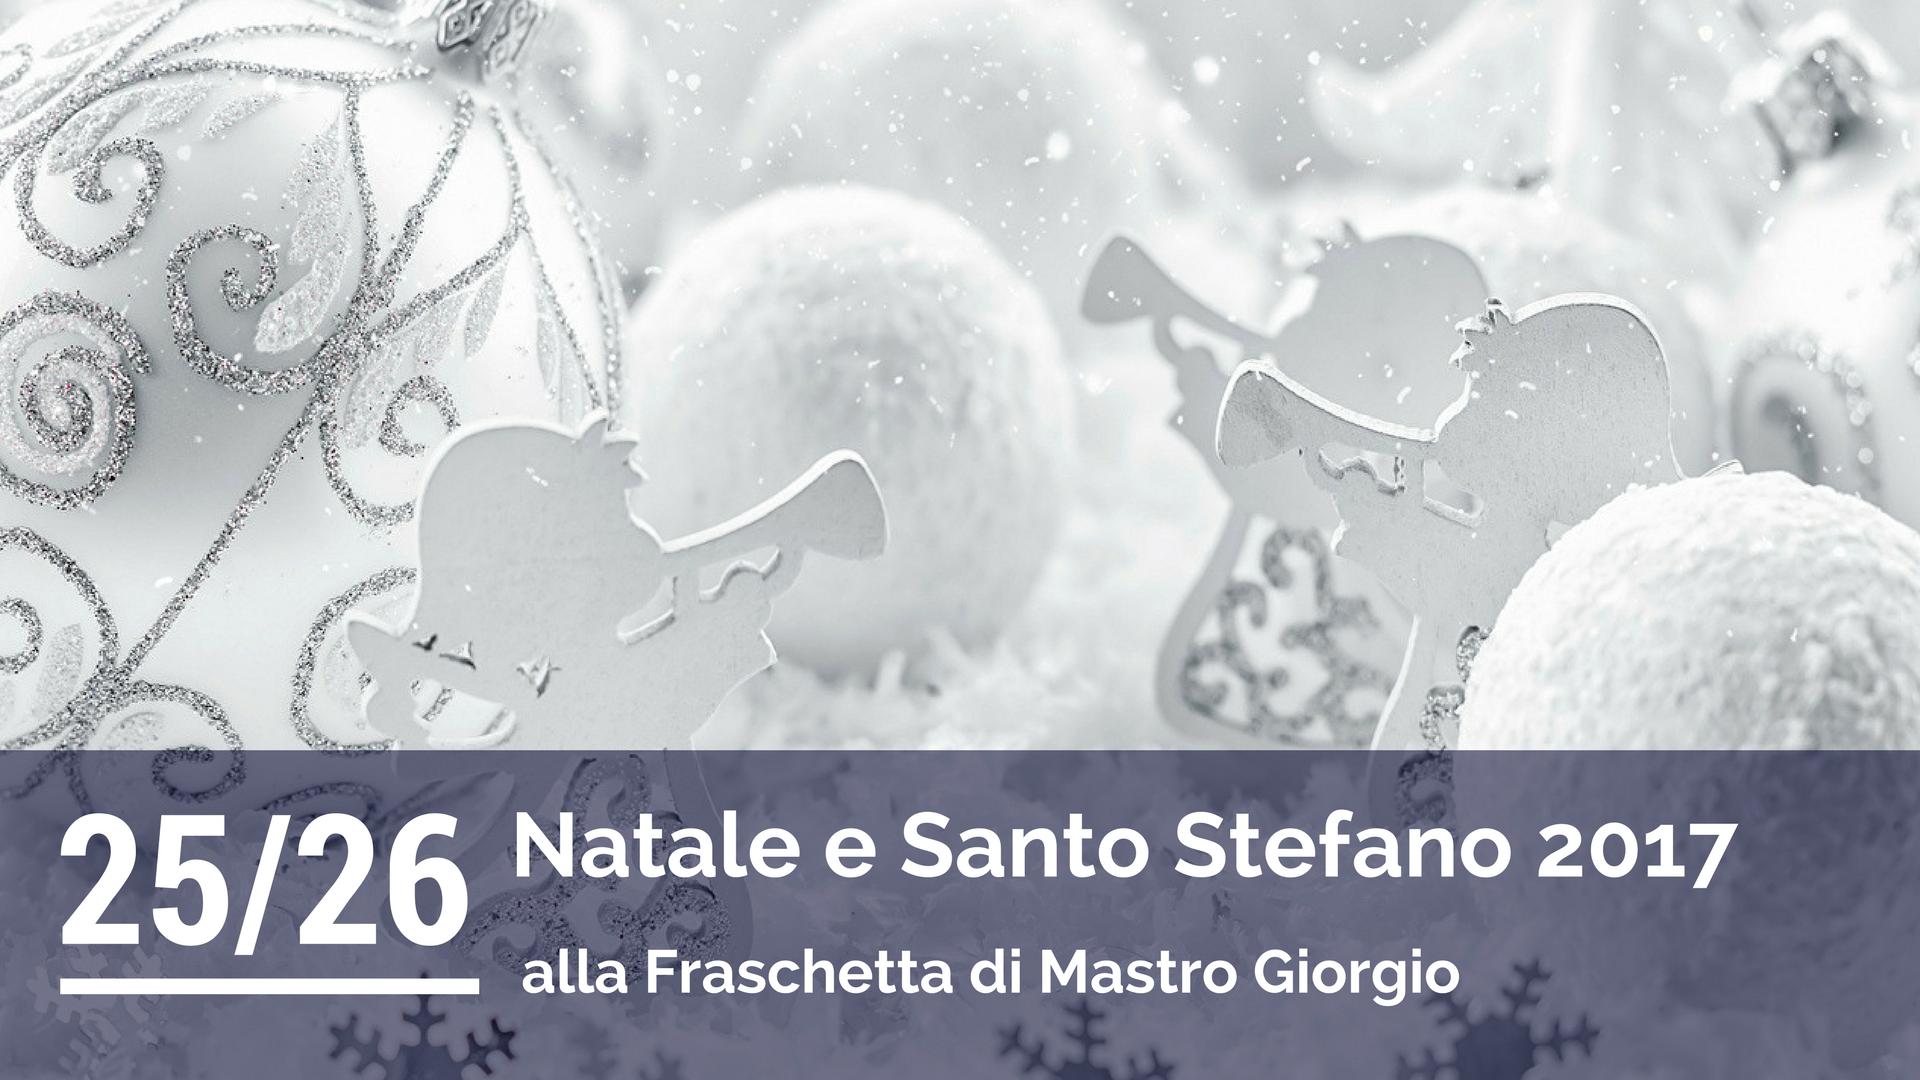 Menù di Natale e Santo Stefano 2017